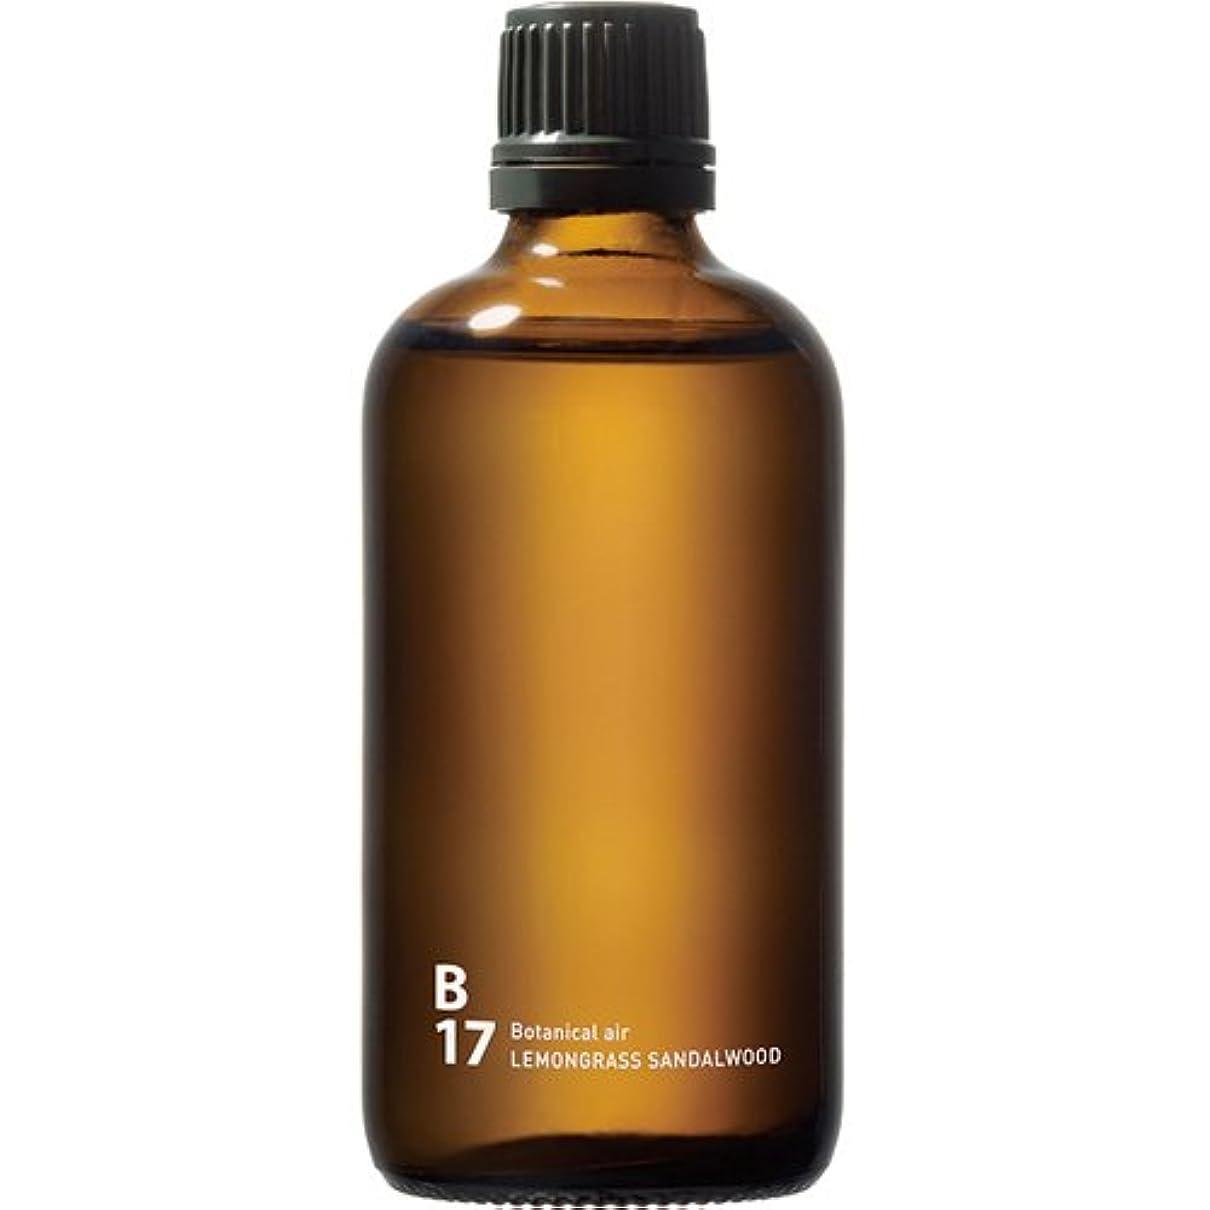 B17 LEMONGRASS SANDALWOOD piezo aroma oil 100ml